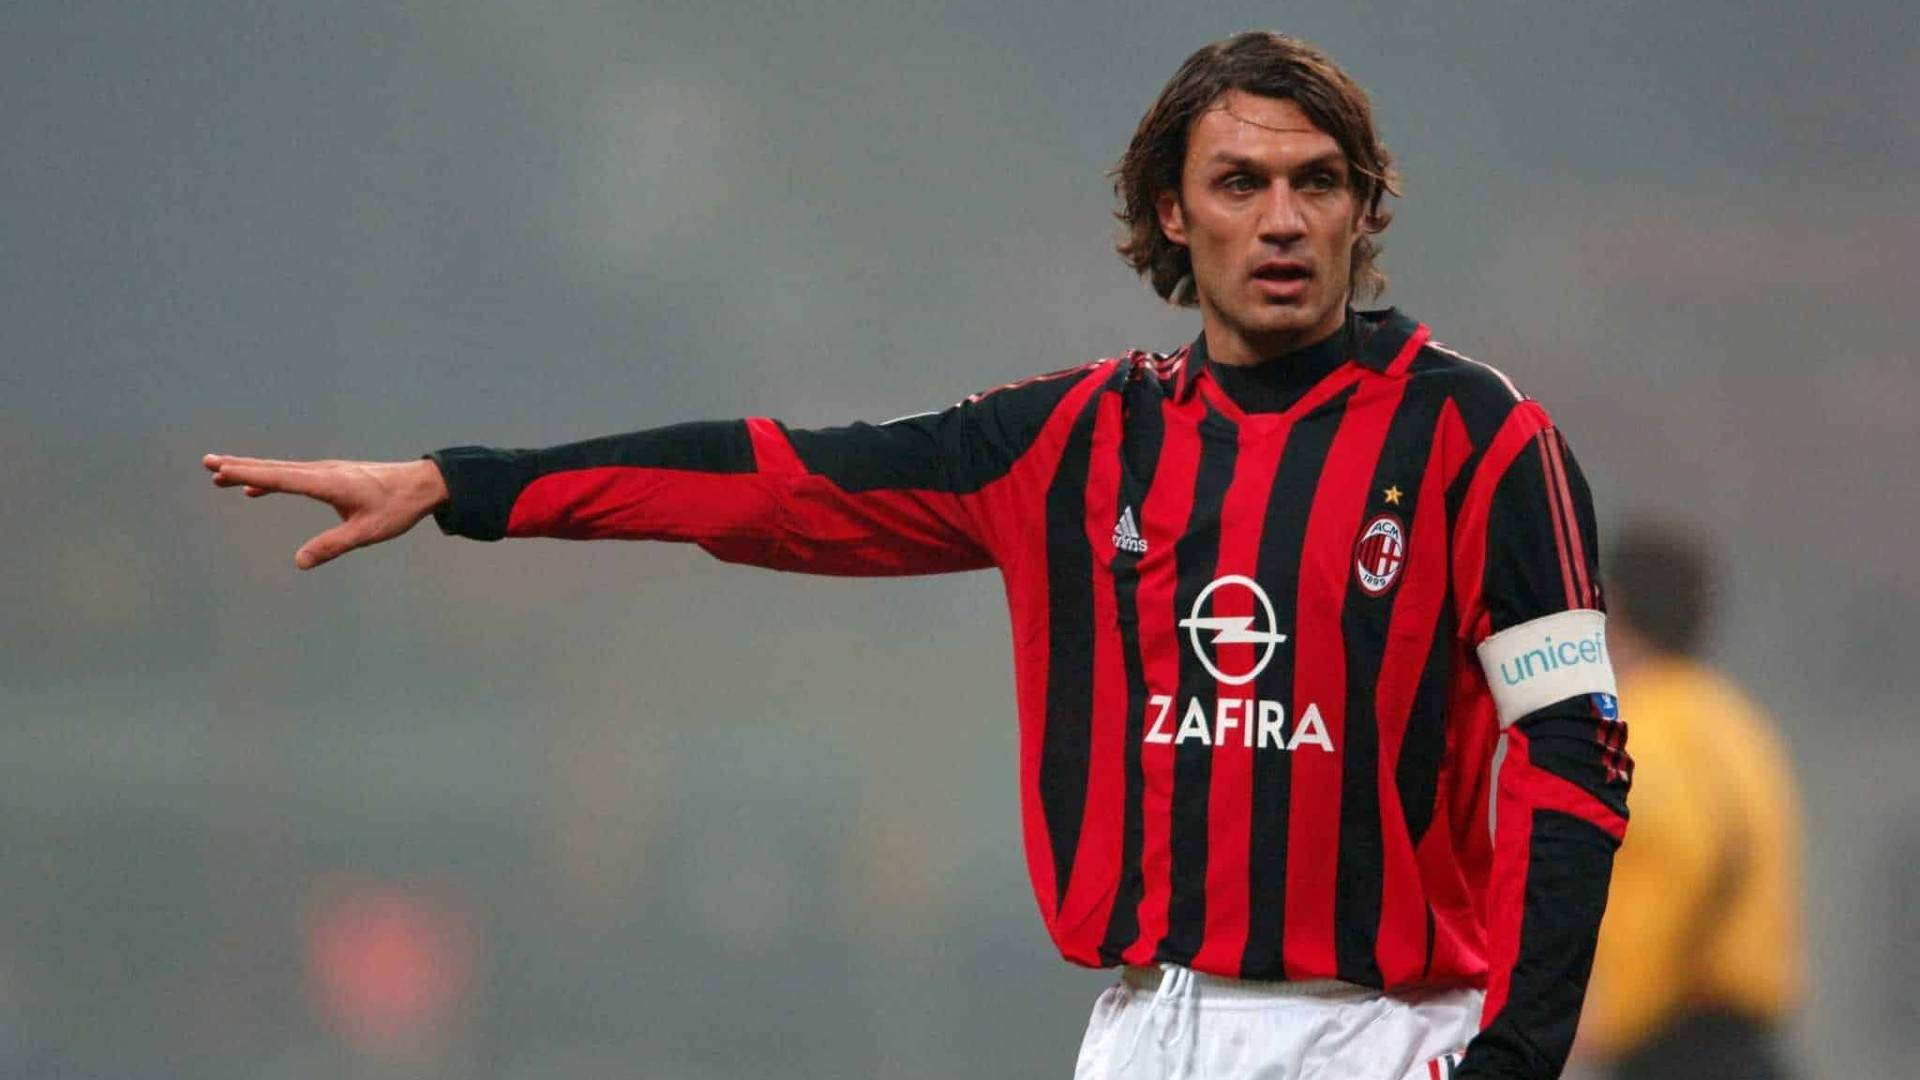 AC Milan: Paolo Cesar Maldini, Pemain Yang Melegenda & Dinasti Maldini 3